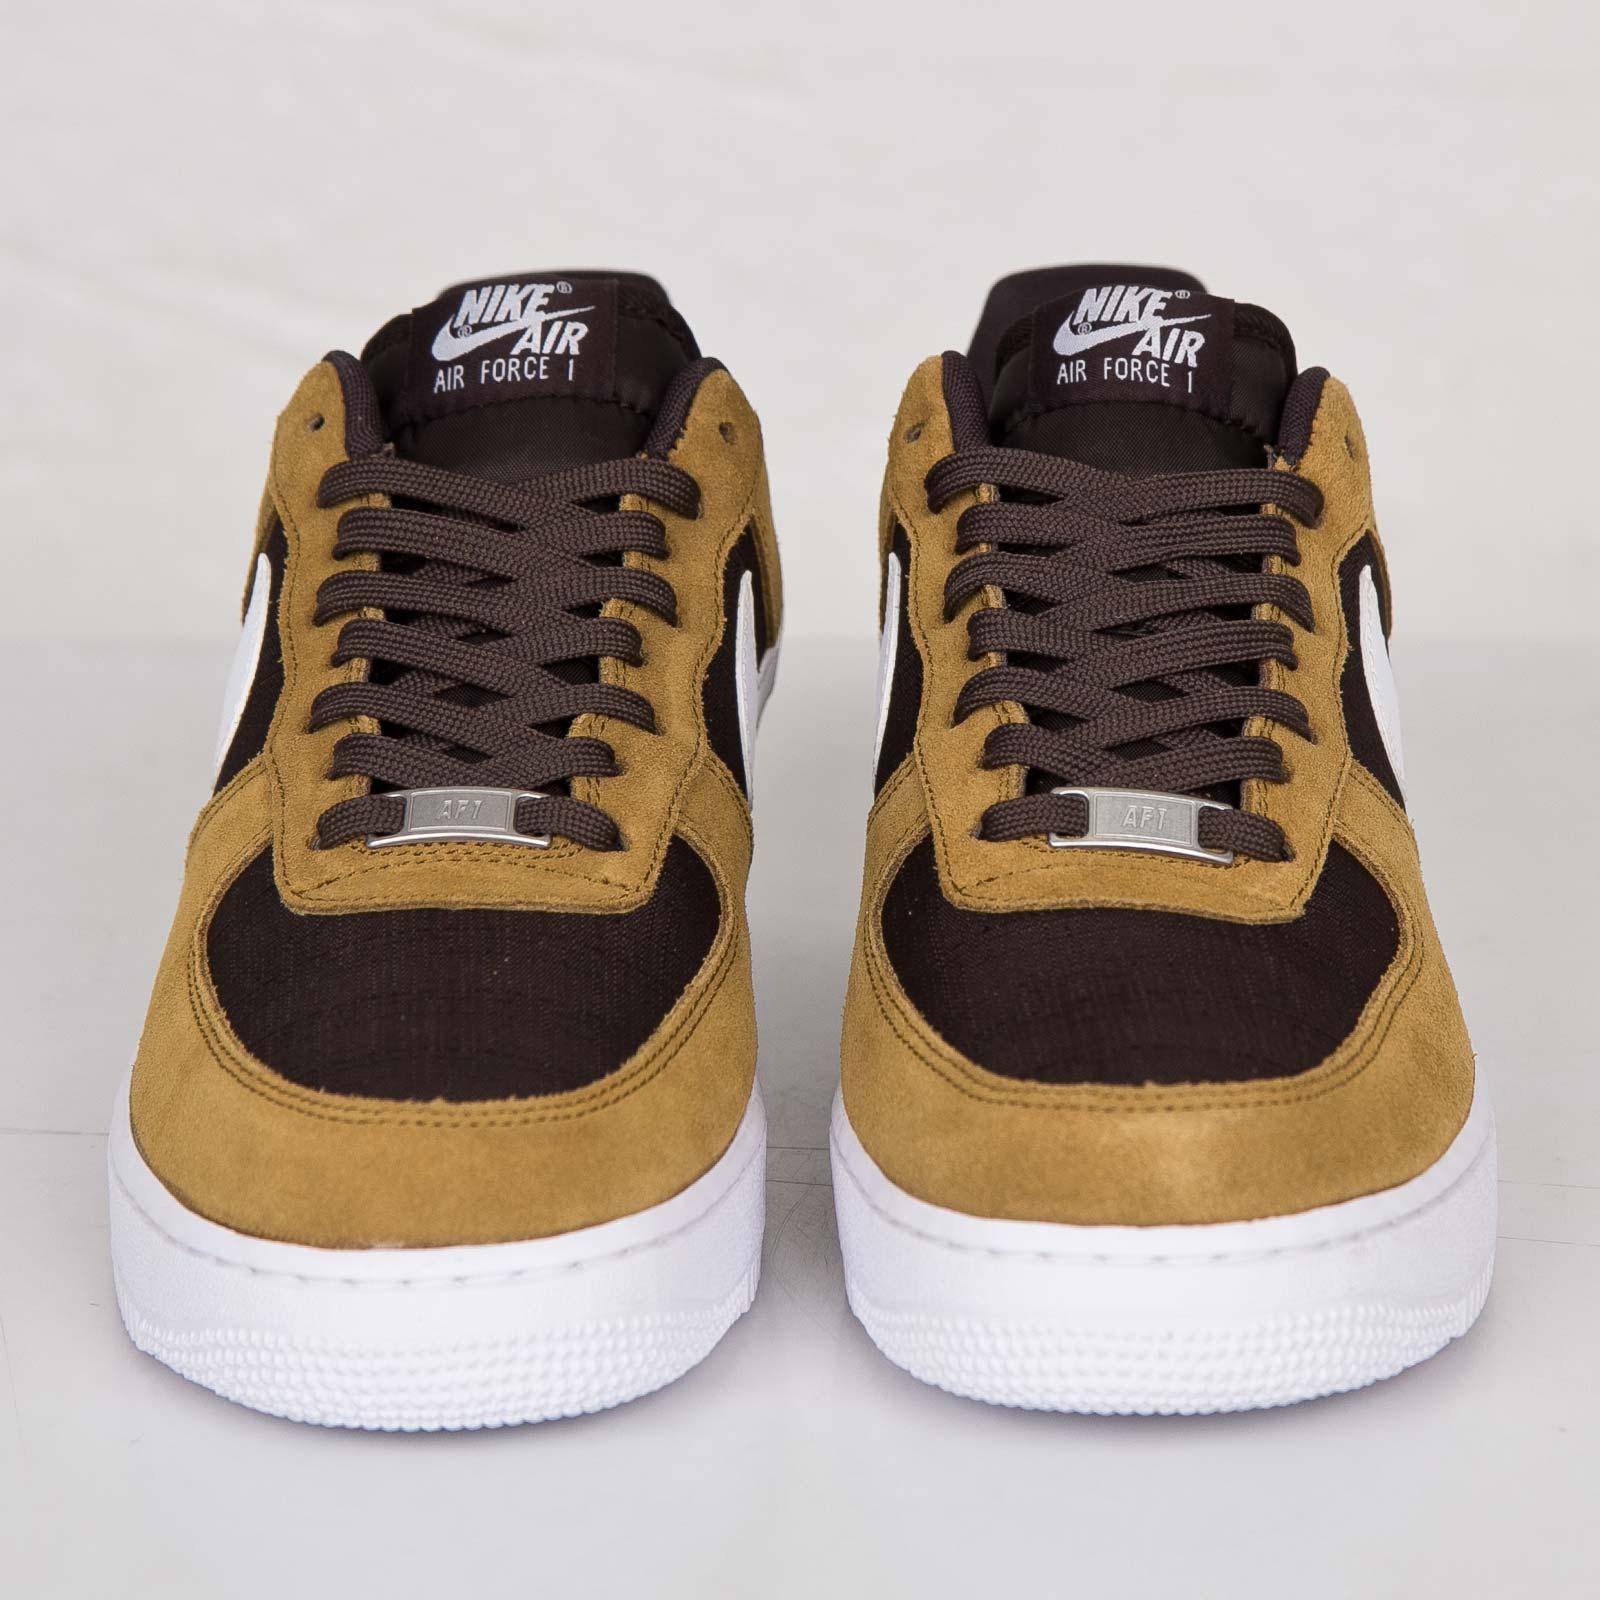 Nike Air Force 1 - 488298-207